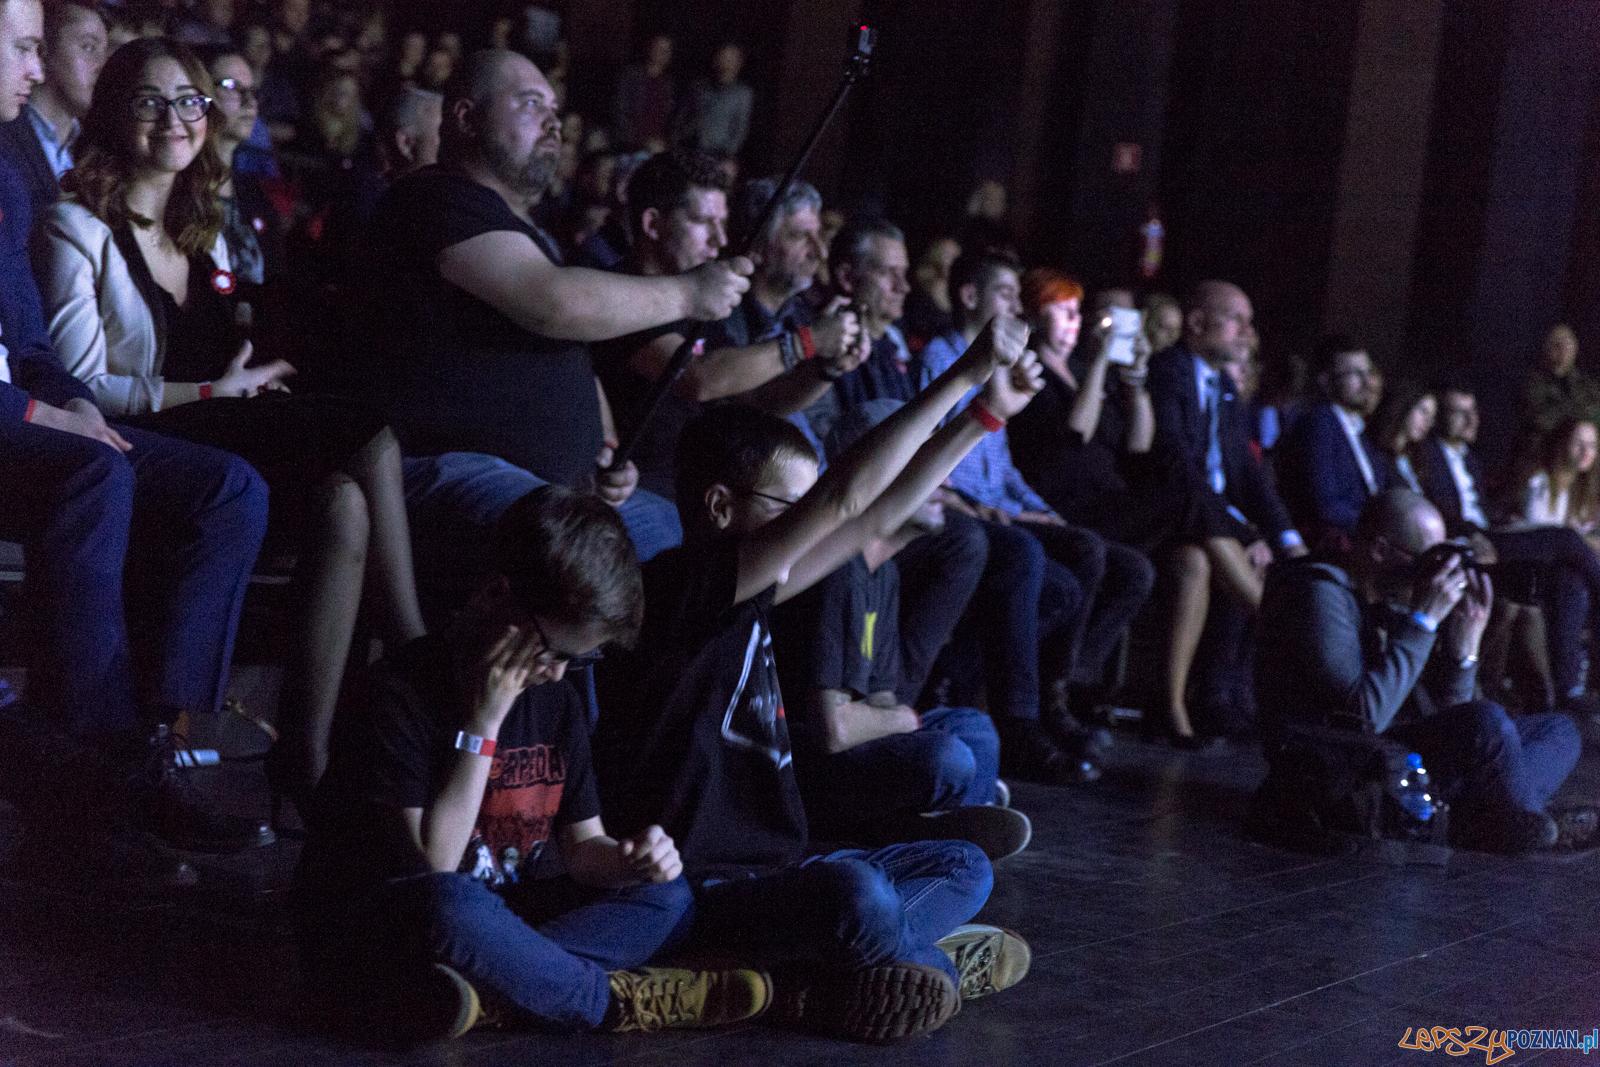 VIII Toast za Zwycięstwo! - Koncert Luxtorpedy! - Poznań 08.02  Foto: LepszyPOZNAN.pl / Paweł Rychter